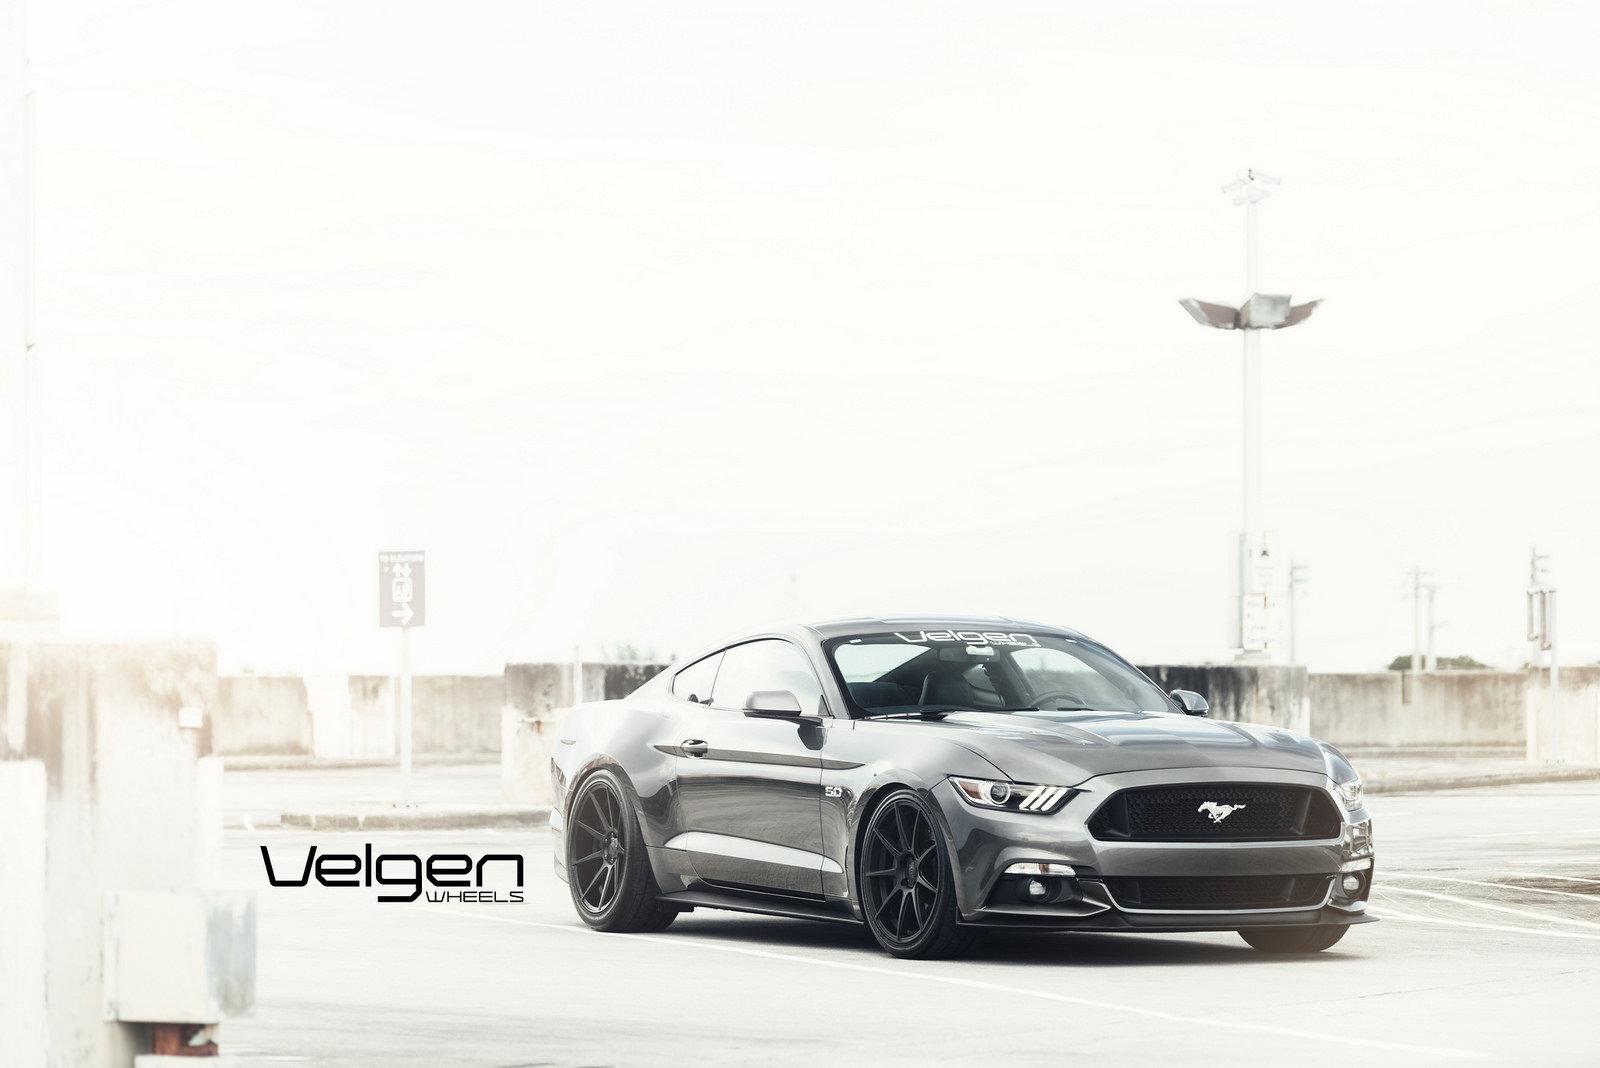 2015 Mustang Gt Velgen Wheels Vmb9 6speedonline